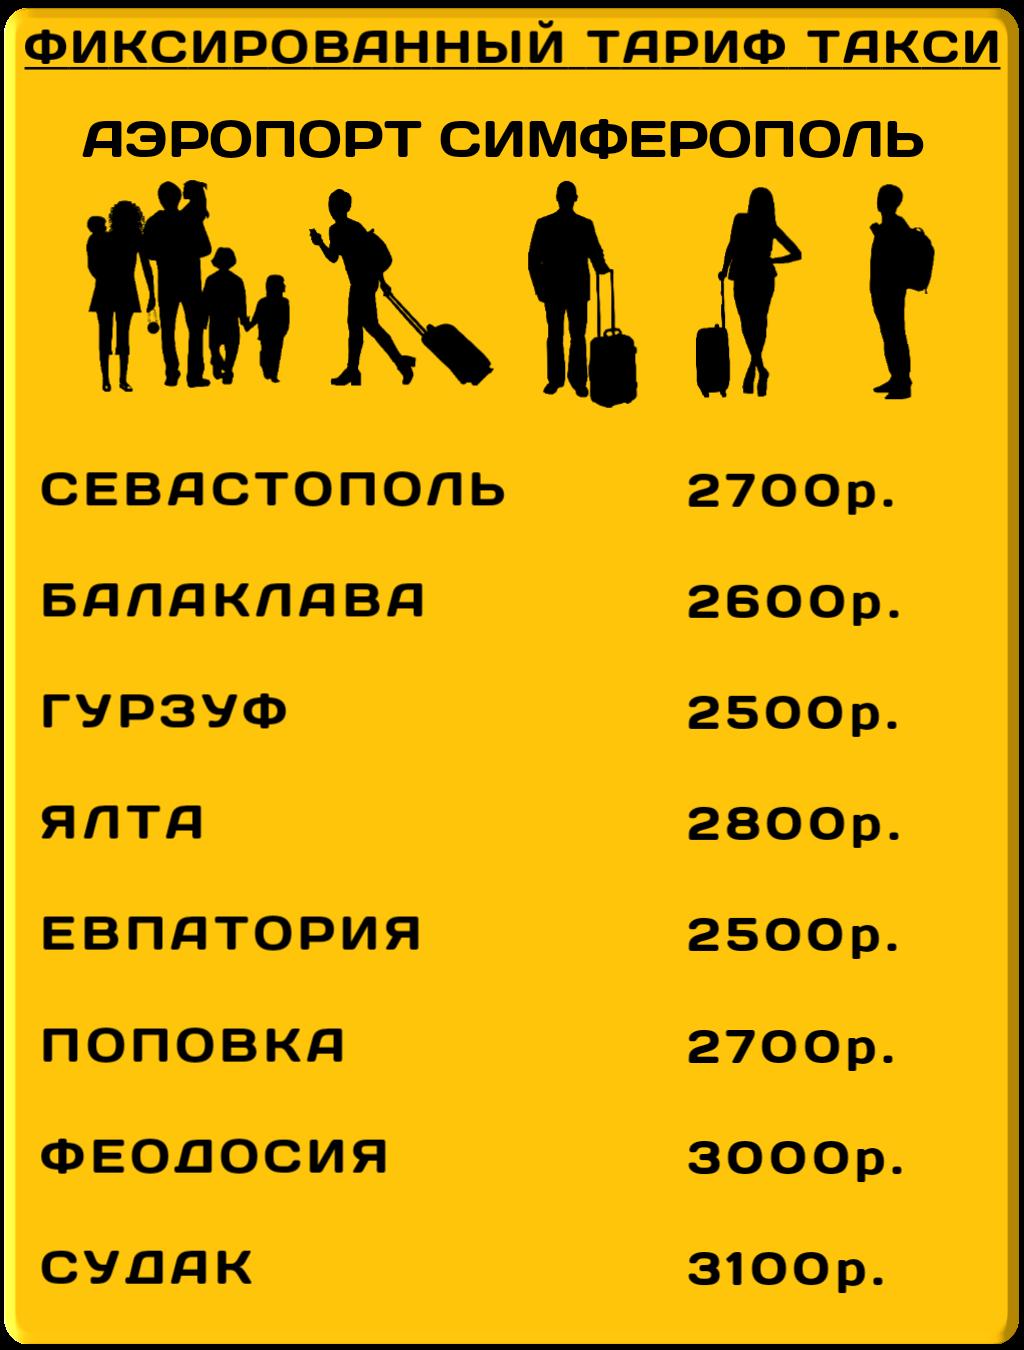 Такси минивэн симферополь аэропорт